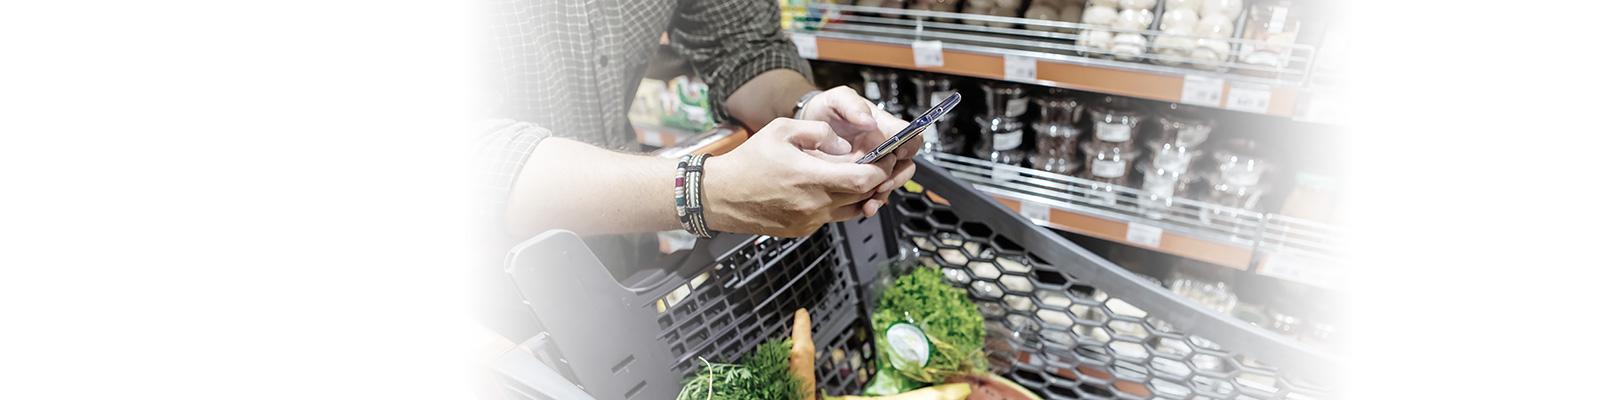 スーパーマーケット 消費者 スマートフォン イメージ